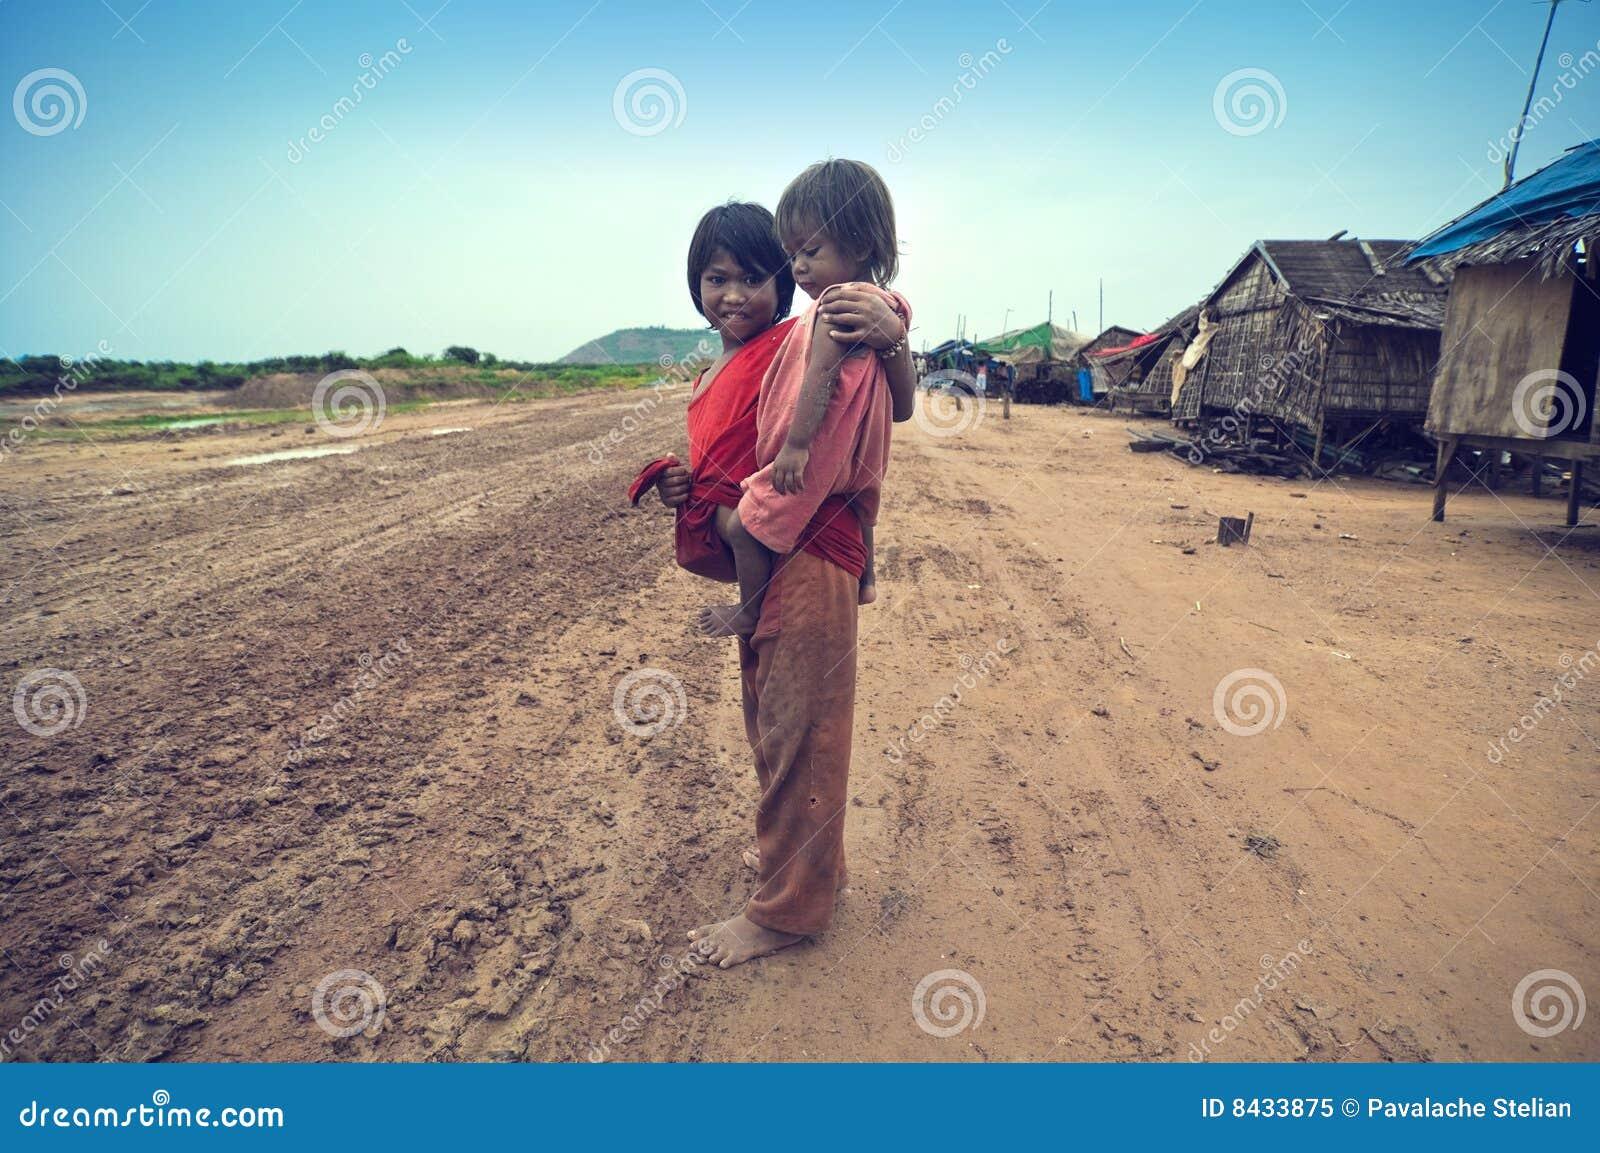 Poor cambodian kids